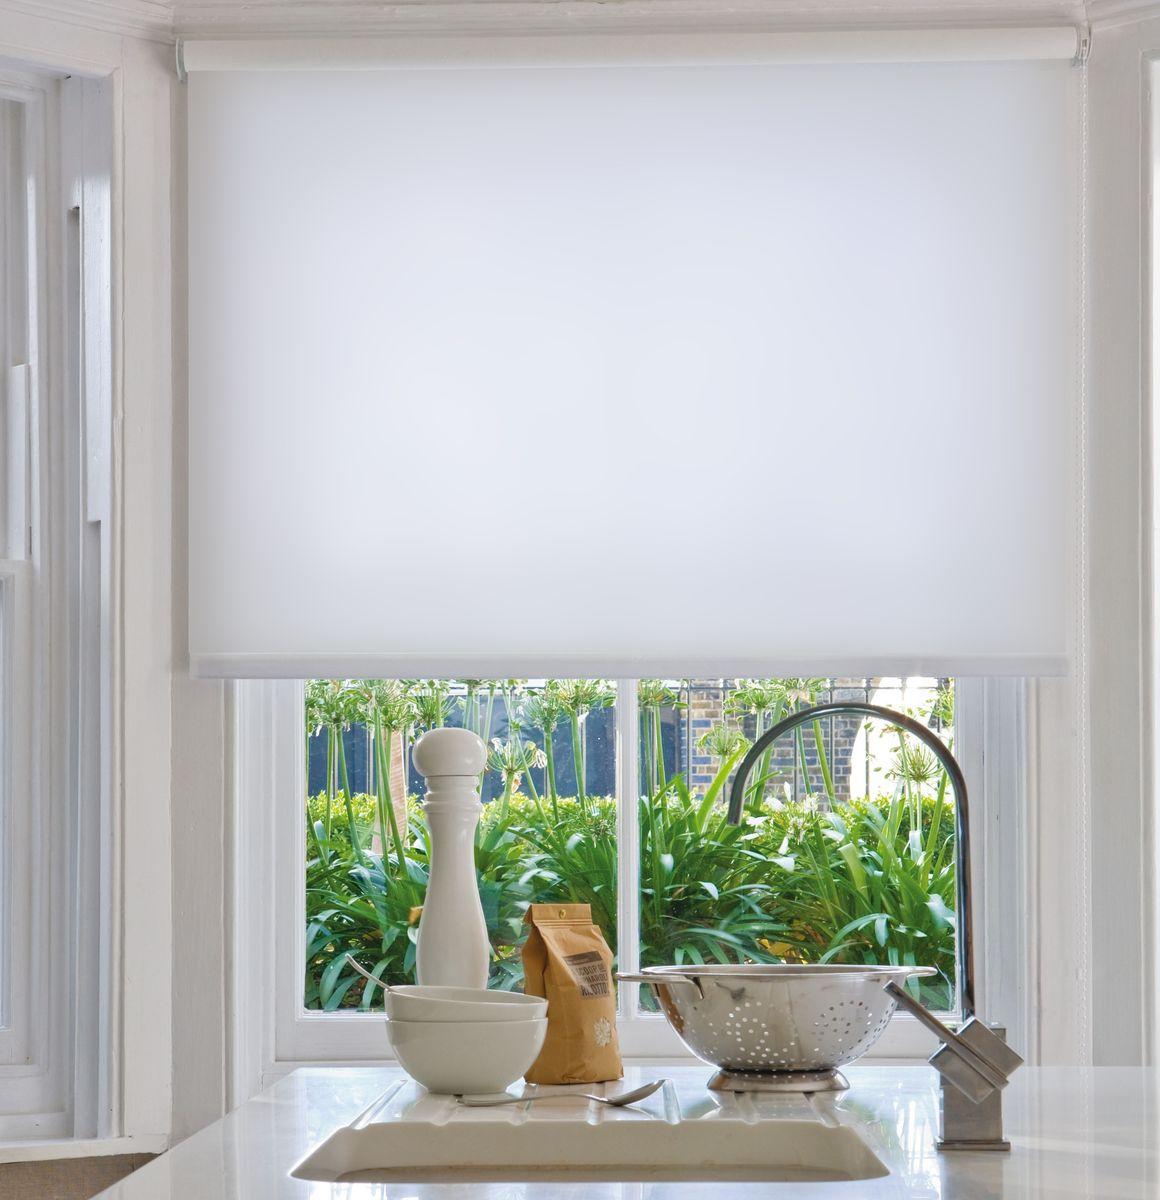 Штора рулонная Эскар Миниролло, цвет: белый, ширина 62 см, высота 170 см31008062170Рулонными шторами можно оформлять окна как самостоятельно, так и использовать в комбинации с портьерами. Это поможет предотвратить выгорание дорогой ткани на солнце и соединит функционал рулонных с красотой навесных. Преимущества применения рулонных штор для пластиковых окон: - имеют прекрасный внешний вид: многообразие и фактурность материала изделия отлично смотрятся в любом интерьере;- многофункциональны: есть возможность подобрать шторы способные эффективно защитить комнату от солнца, при этом она не будет слишком темной. - Есть возможность осуществить быстрый монтаж.ВНИМАНИЕ! Размеры ширины изделия указаны по ширине ткани! Во время эксплуатации не рекомендуется полностью разматывать рулон, чтобы не оторвать ткань от намоточного вала. В случае загрязнения поверхности ткани, чистку шторы проводят одним из способов, в зависимости от типа загрязнения:легкое поверхностное загрязнение можно удалить при помощи канцелярского ластика;чистка от пыли производится сухим методом при помощи пылесоса с мягкой щеткой-насадкой;для удаления пятна используйте мягкую губку с пенообразующим неагрессивным моющим средством или пятновыводитель на натуральной основе (нельзя применять растворители).